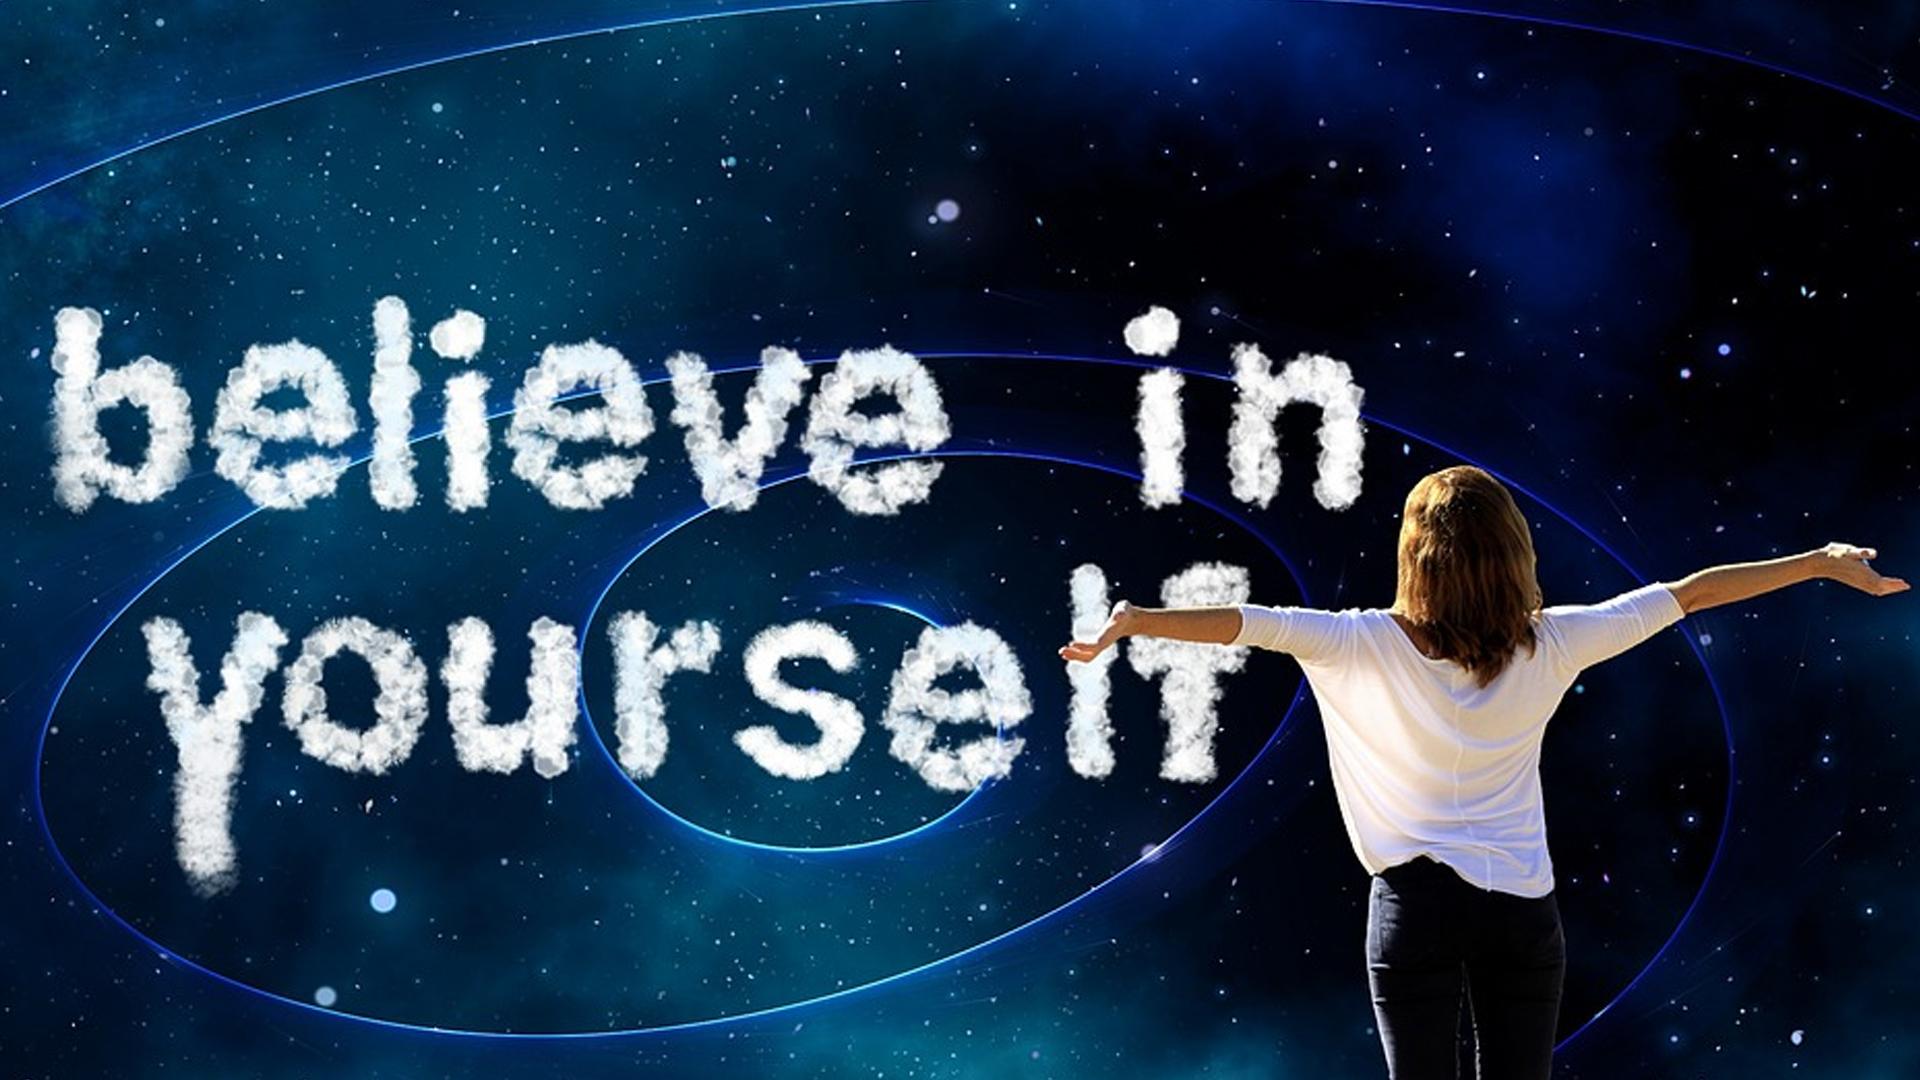 Come ritrovare la fiducia in se' stessi